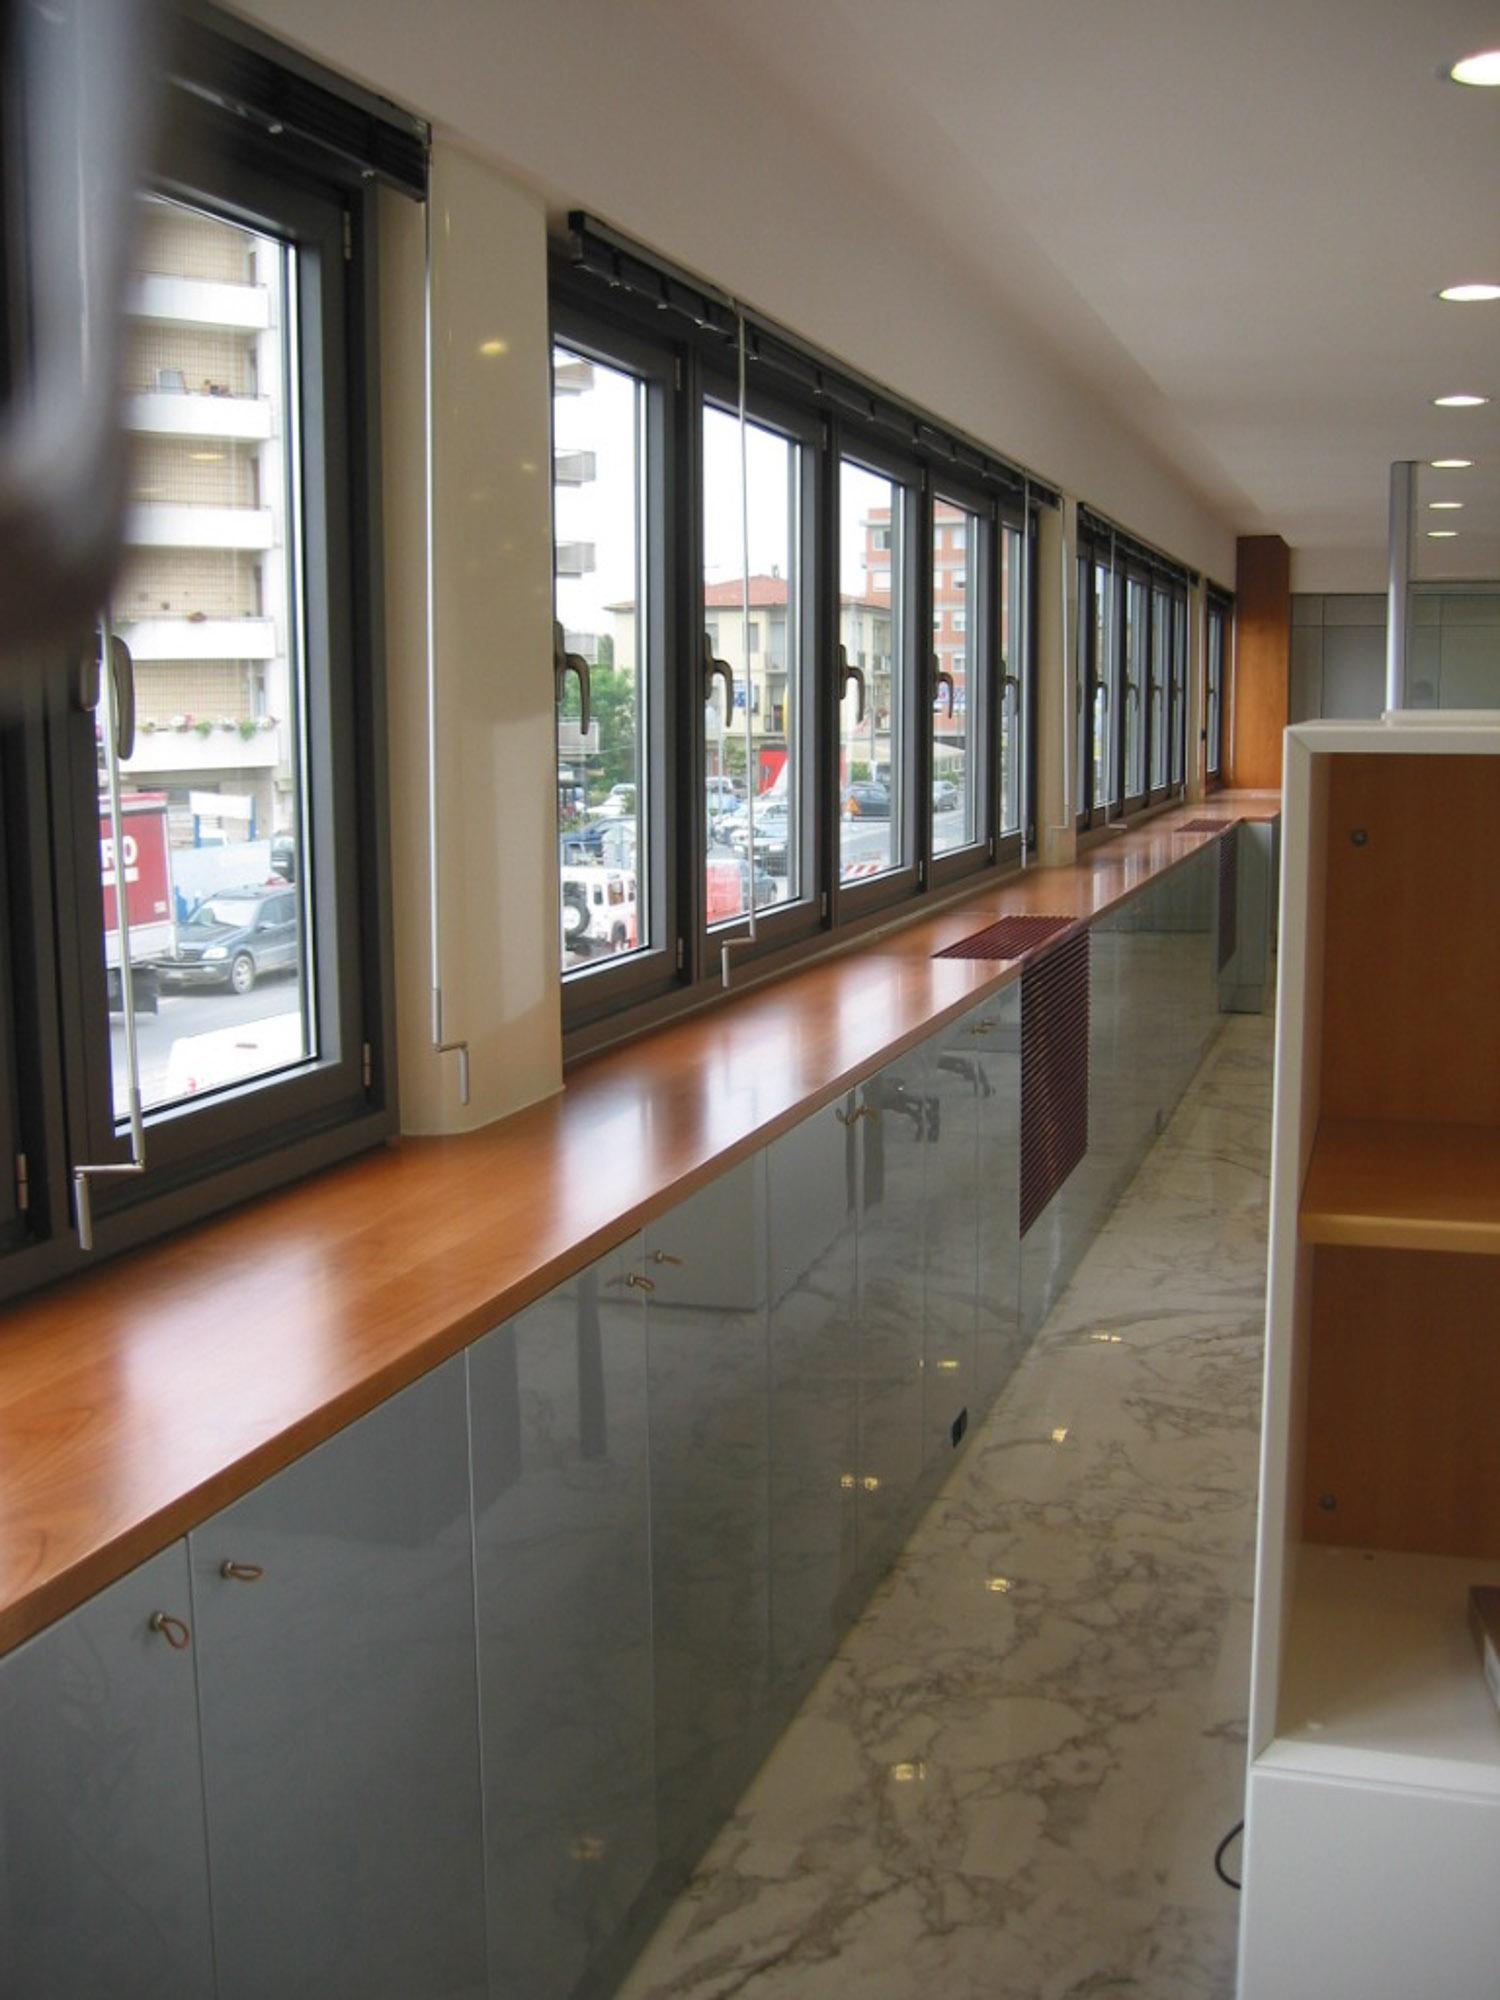 Realizzazione di arredi per uffici a viareggio franchi arreda - Finestra mobile cos e ...